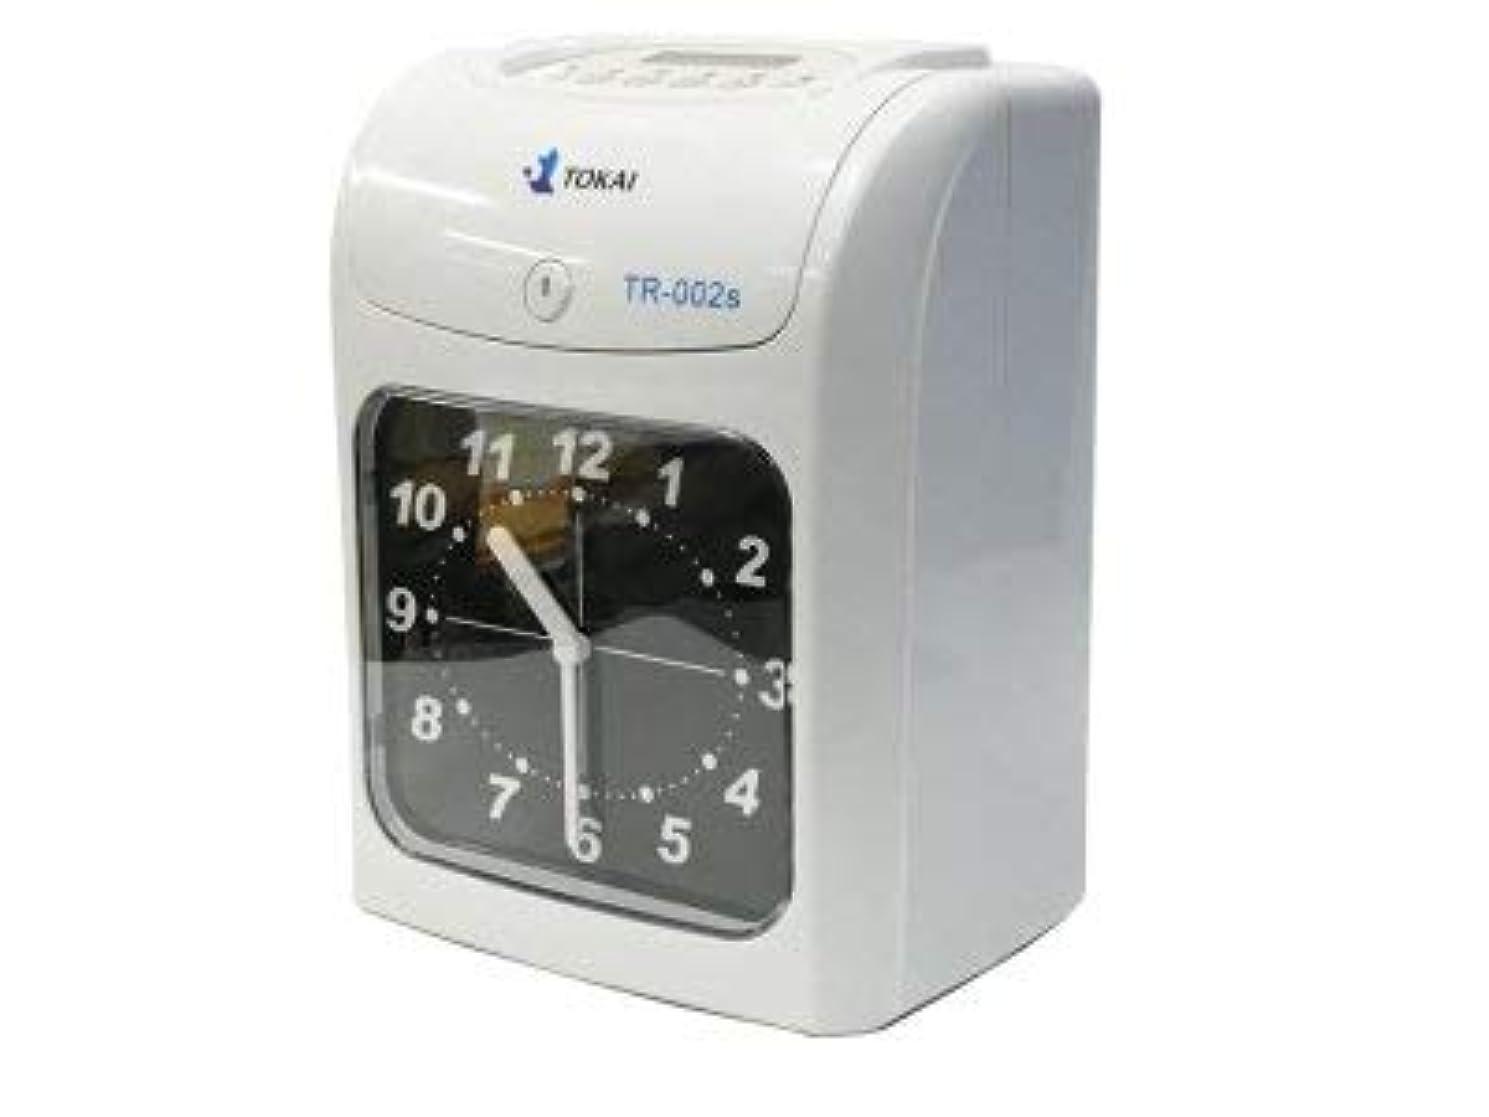 ルート胆嚢減らすTOKAI タイムレコーダー TR-002S